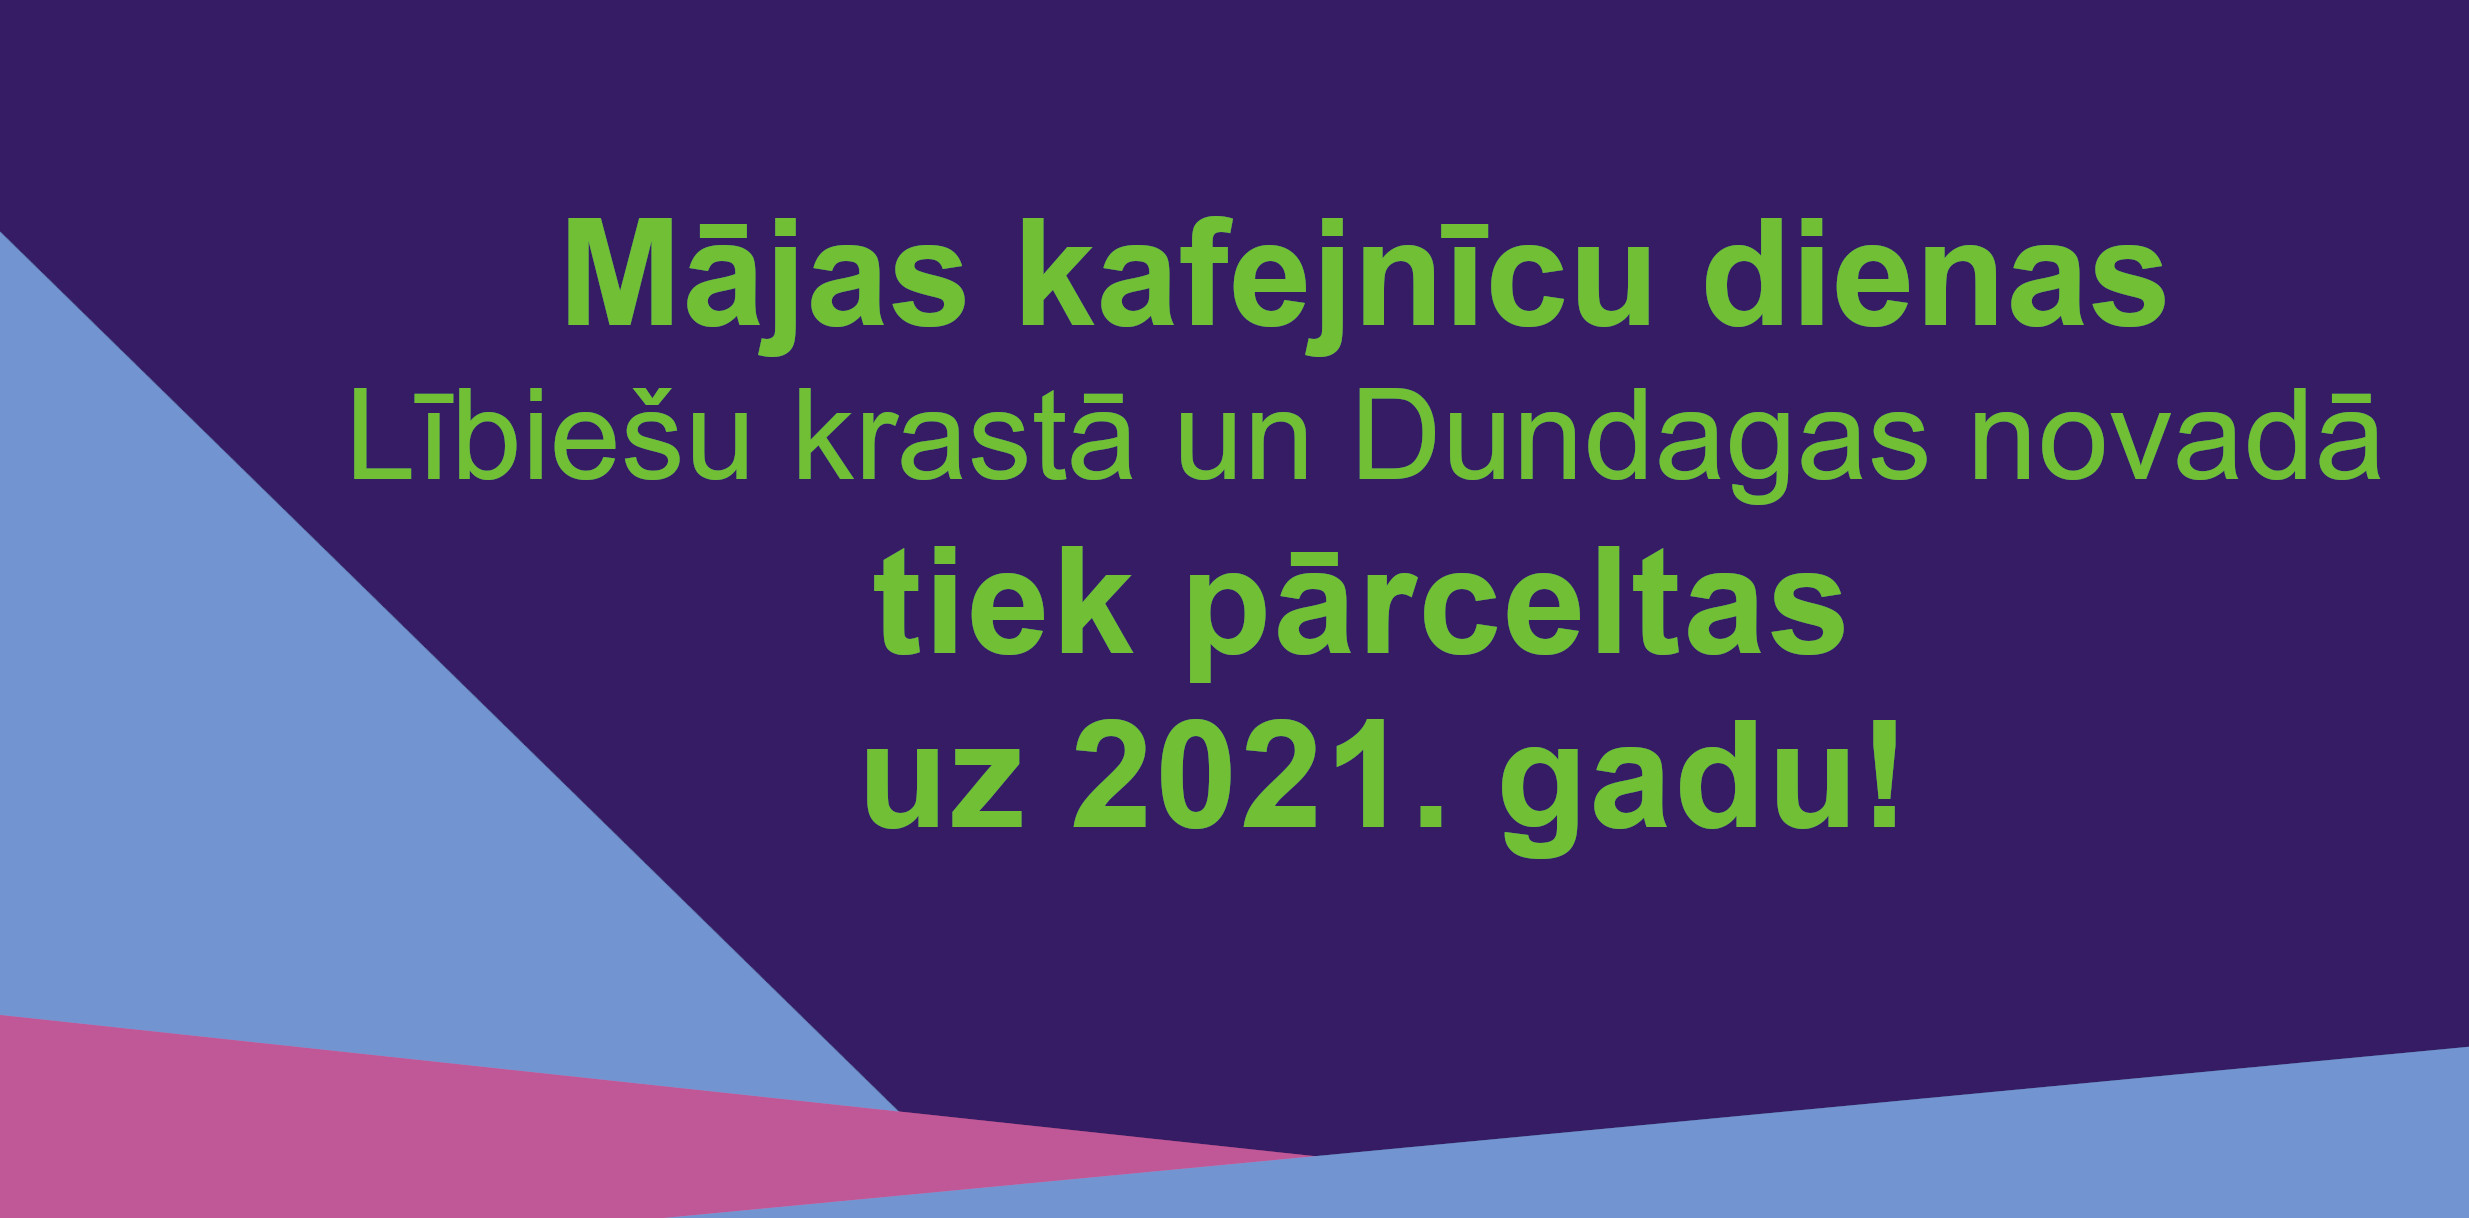 Mājas kafejnīcu dienas Lībiešu krastā un Dundagas novadā tiek pārceltas uz 2021. gadu!